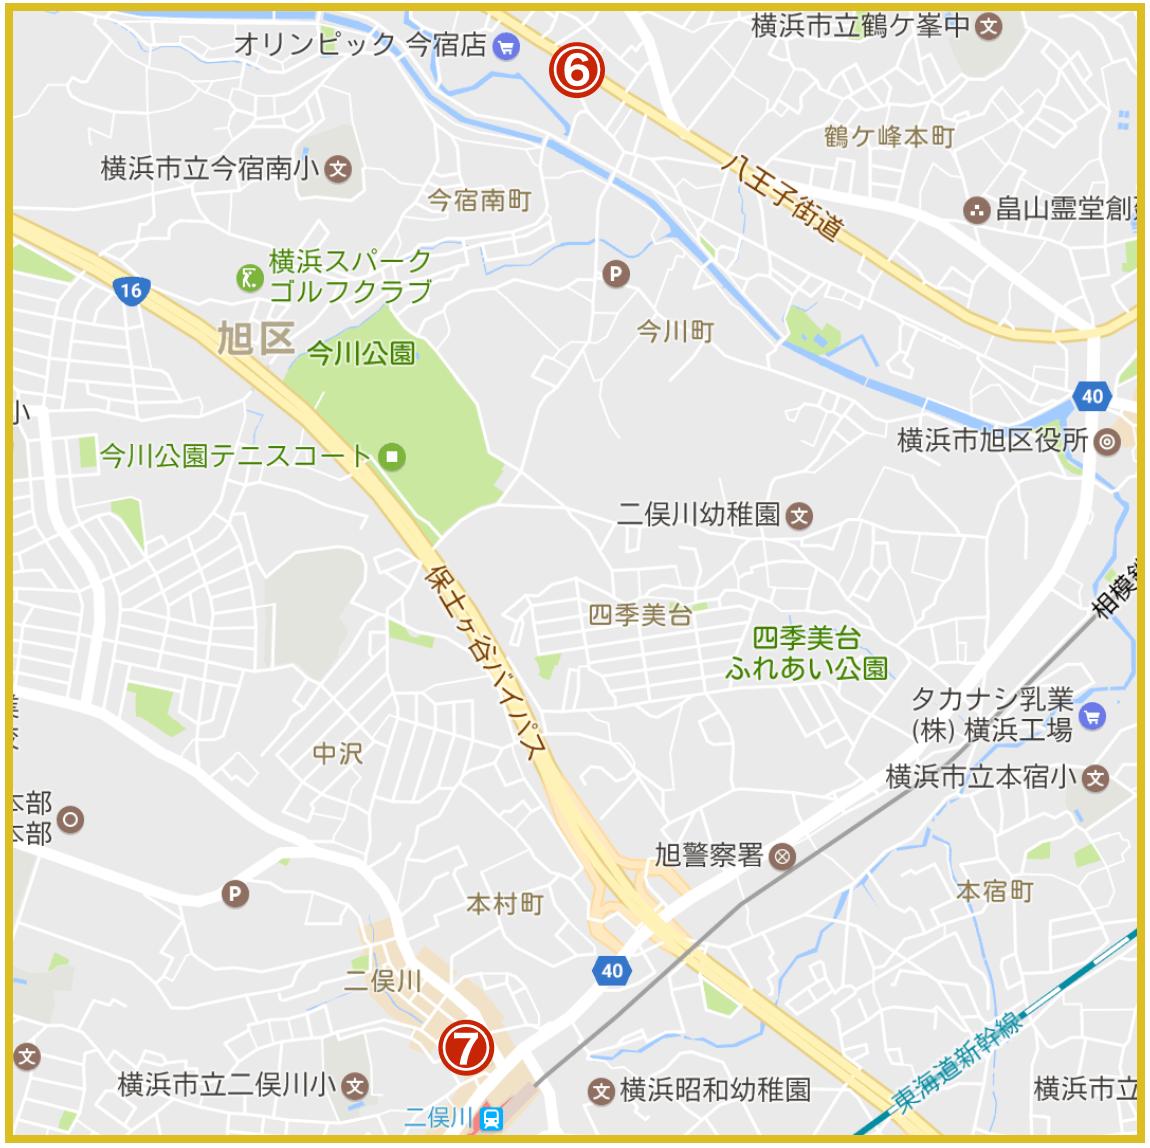 横浜市旭区にあるプロミス店舗・ATMの位置(2020年版)